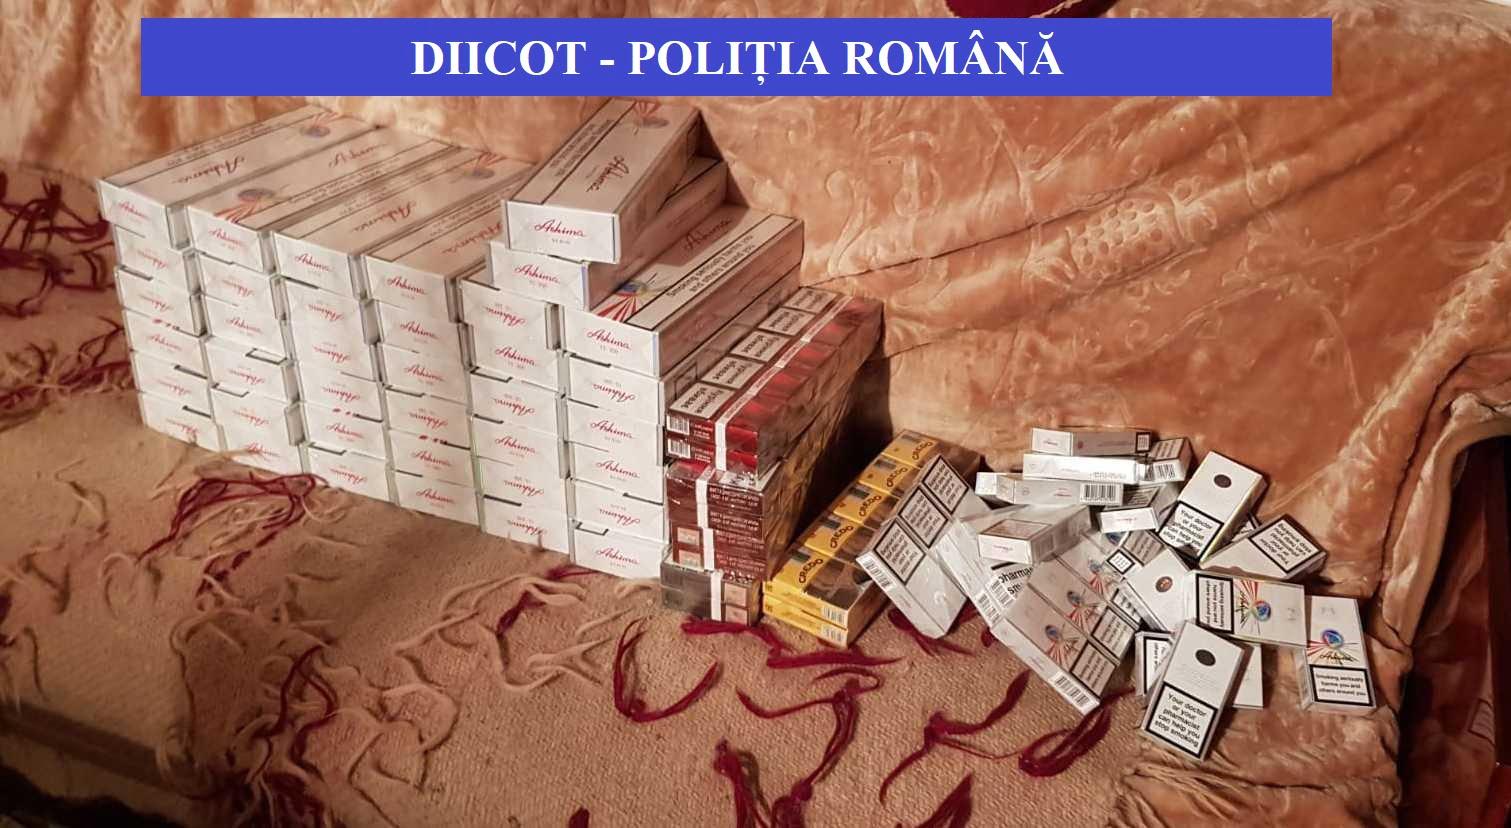 Rețea de contrabandă cu țigări din Neamț, destructurată de DIICOT. Șapte persoane au fost reținute